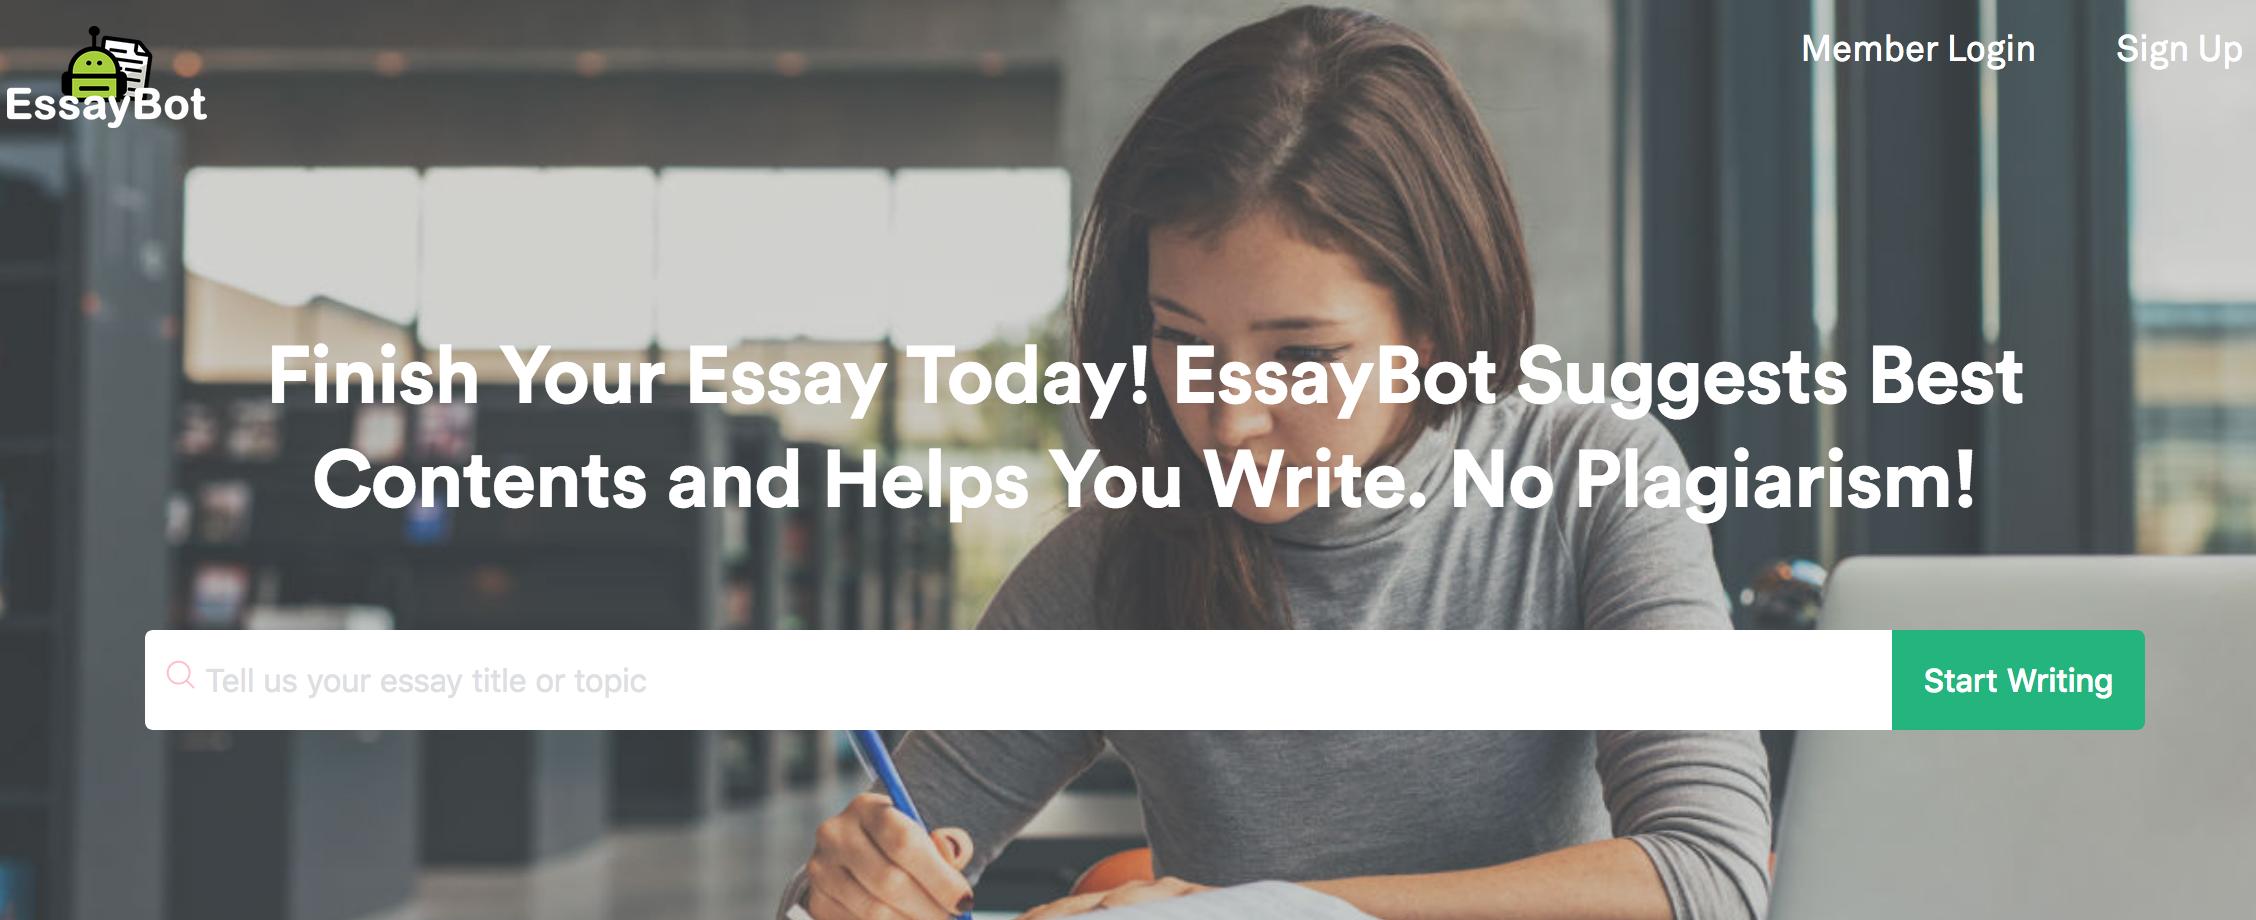 essaybot review